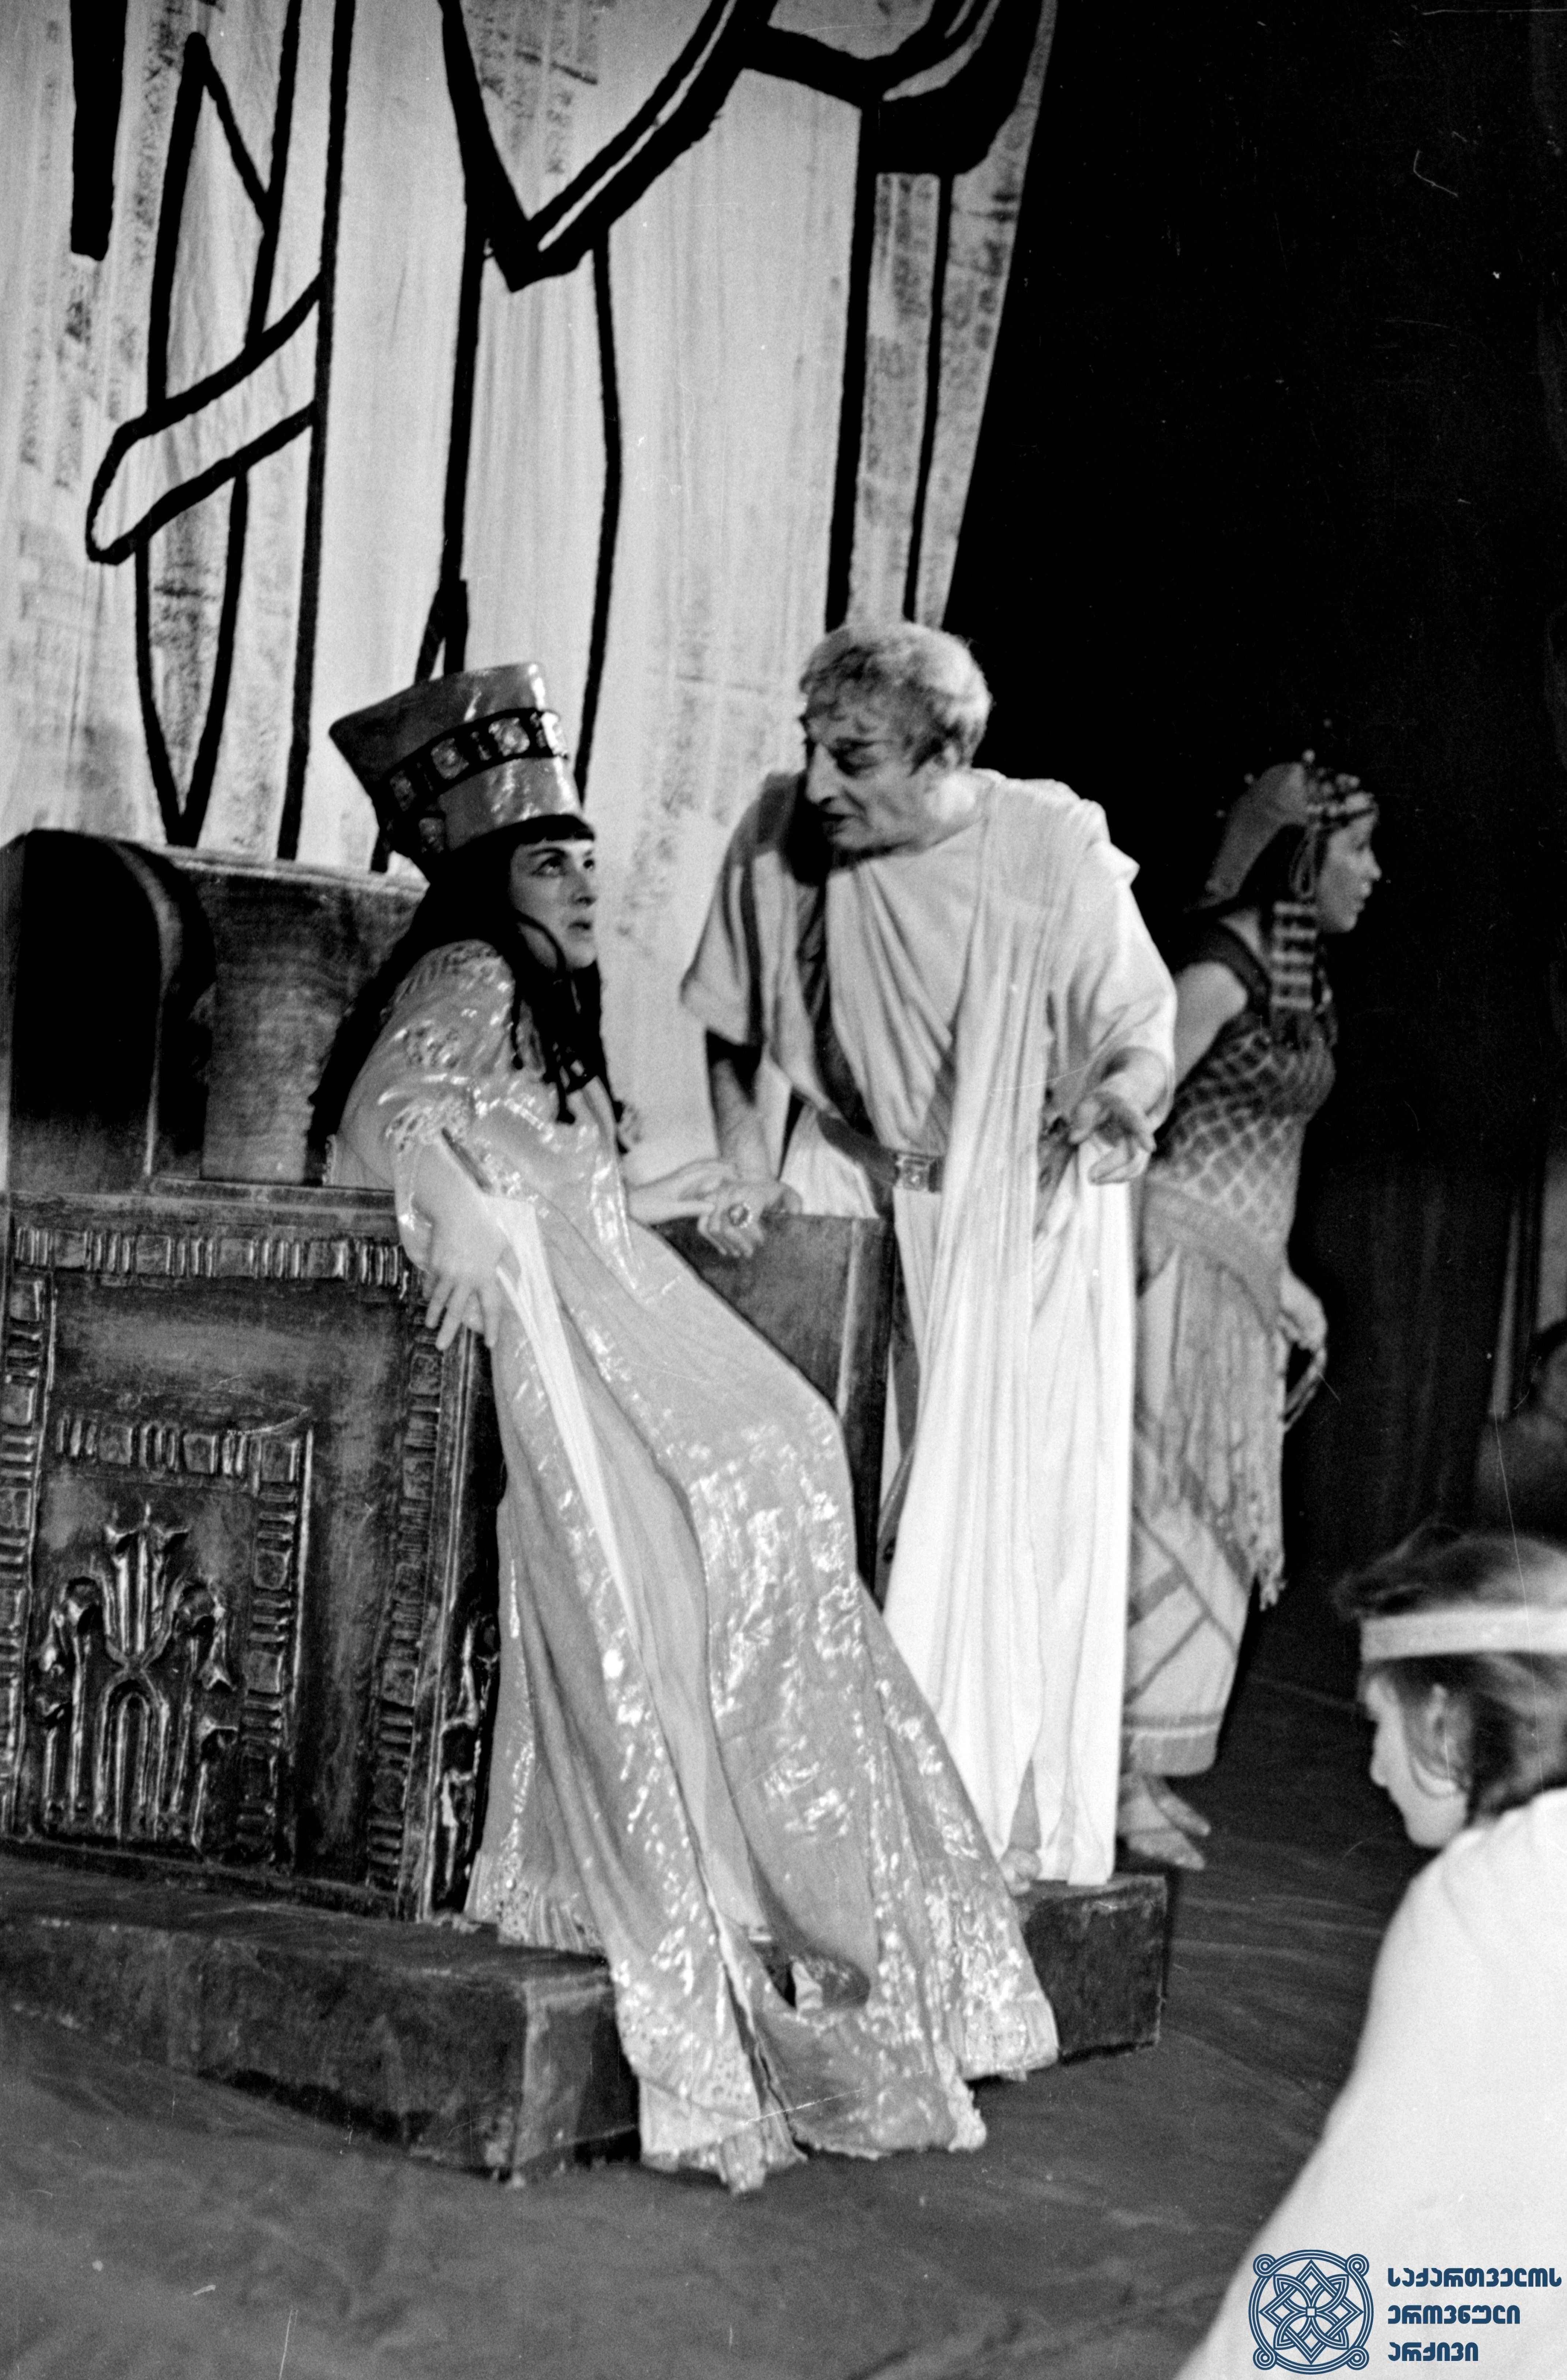 """მარჯანიშვილის სახელობის აკადემიური თეატრის სპექტაკლი """"იულიუს კეისარი და კლეოპატრა"""".<br> იულიუსი – ვასო გოძიაშვილი, კლეოპატრა – მედეა ჯაფარიძე. <br> 1960 წელი.<br> The Marjanishvili Academic Theater performance """"Julius Caesar and Cleopatra"""".<br> Vaso Godziashvili as Julius, Medea Japharidze as Cleopatra.<br> 1960."""